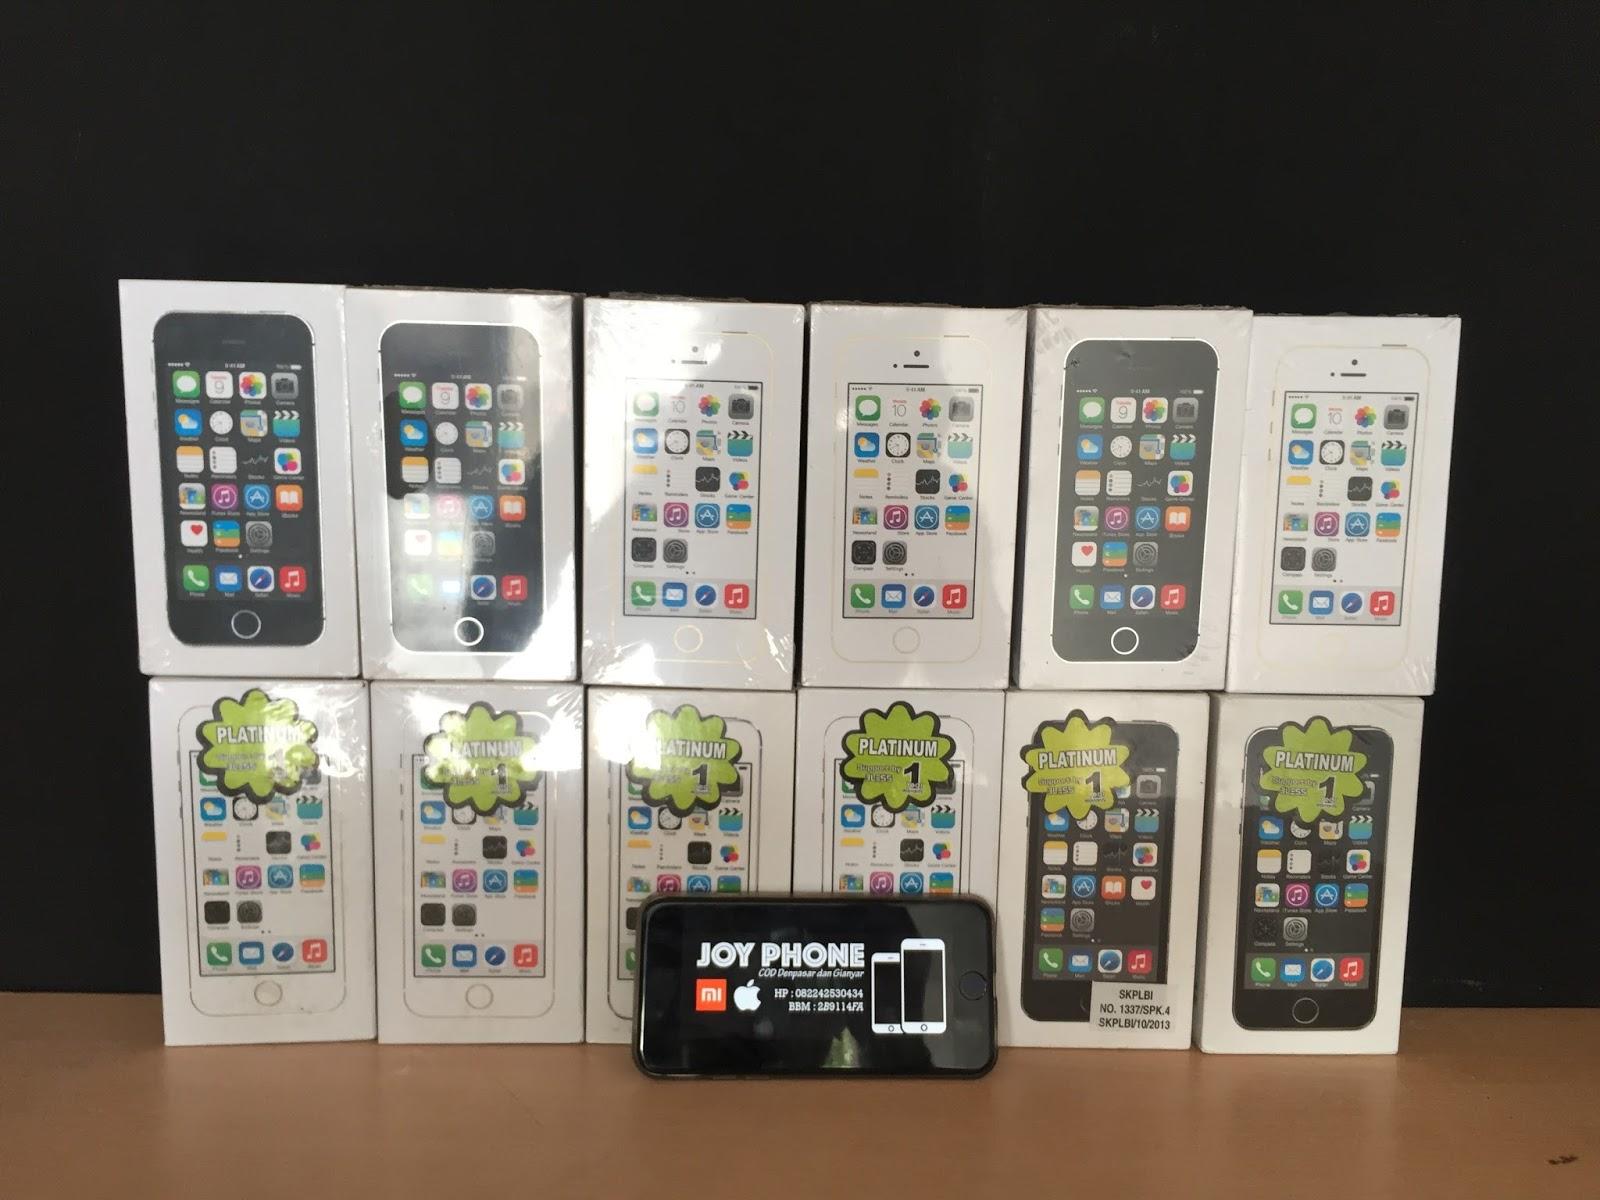 Iphone Murah Bali Denpasar Joy Phone 4s 16gb Fu Garansi Distributor 1 Tahun Termurah Di Toko Gianyar